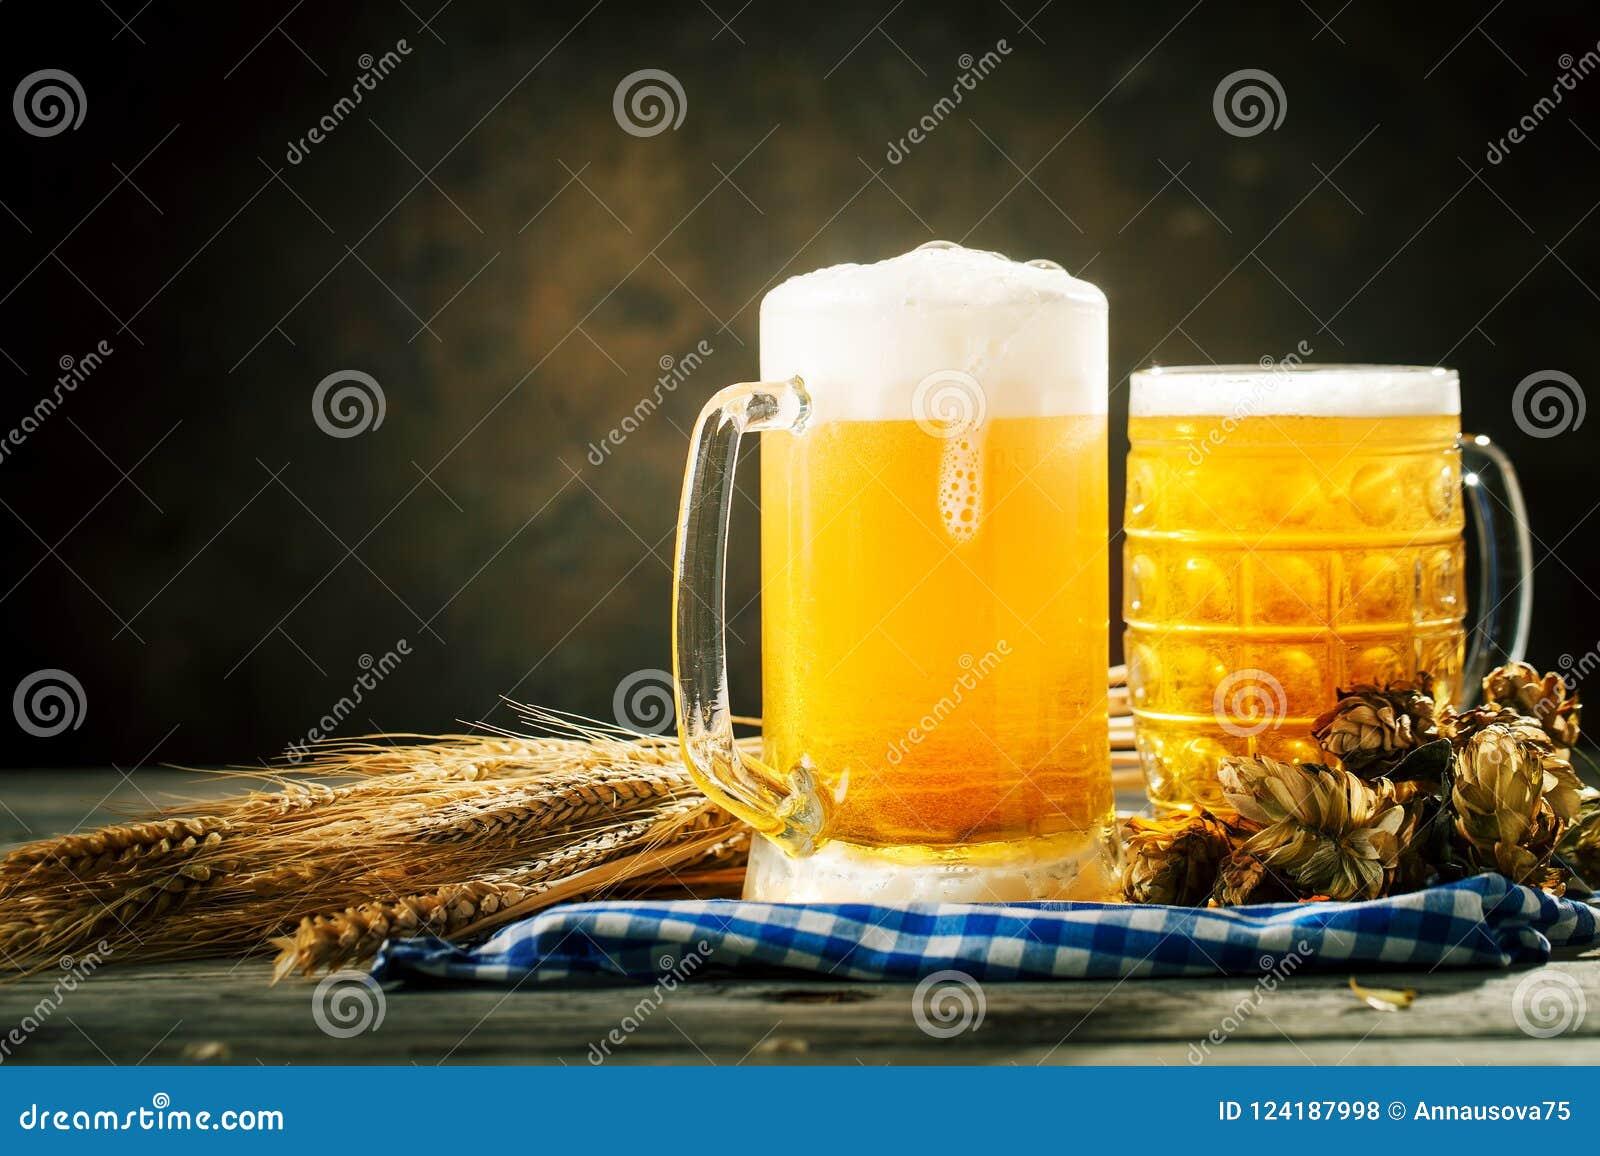 Bier in glazen op een donkere achtergrond Het bierfestival van Oktoberfest De illustratie van de kleur Selectieve nadruk Achtergr